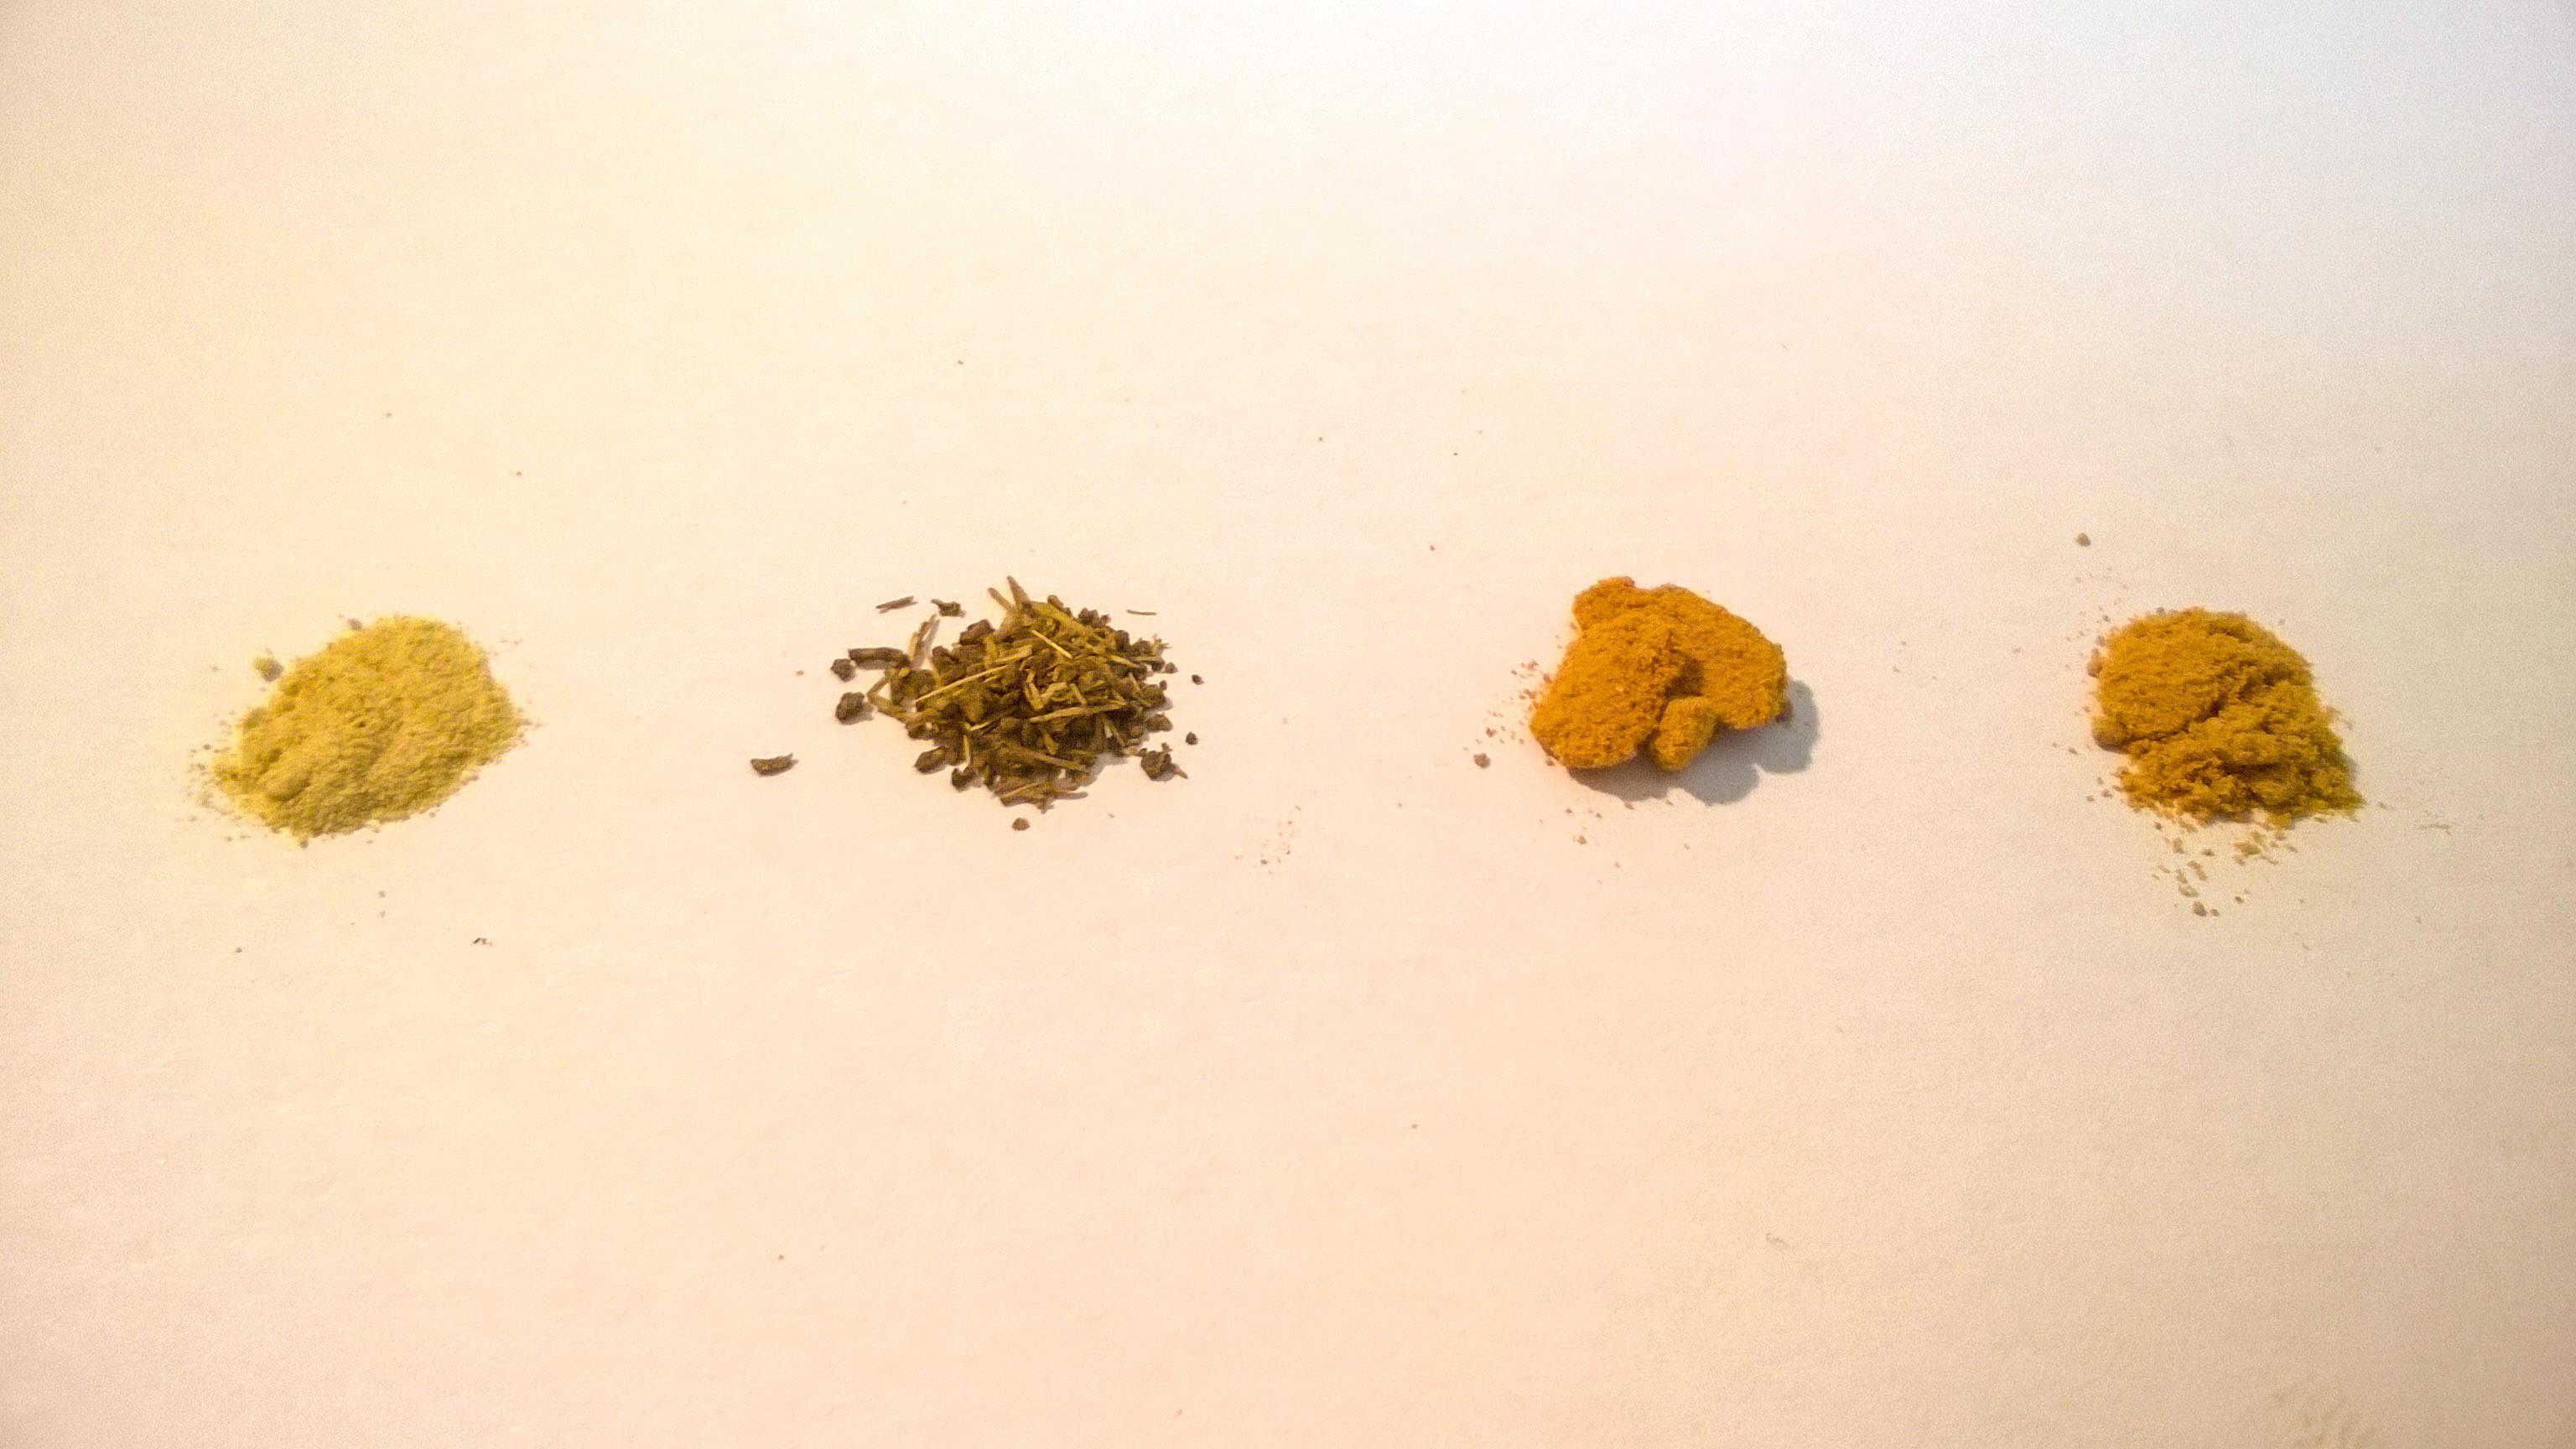 Aussehen der Kanna Extrakte